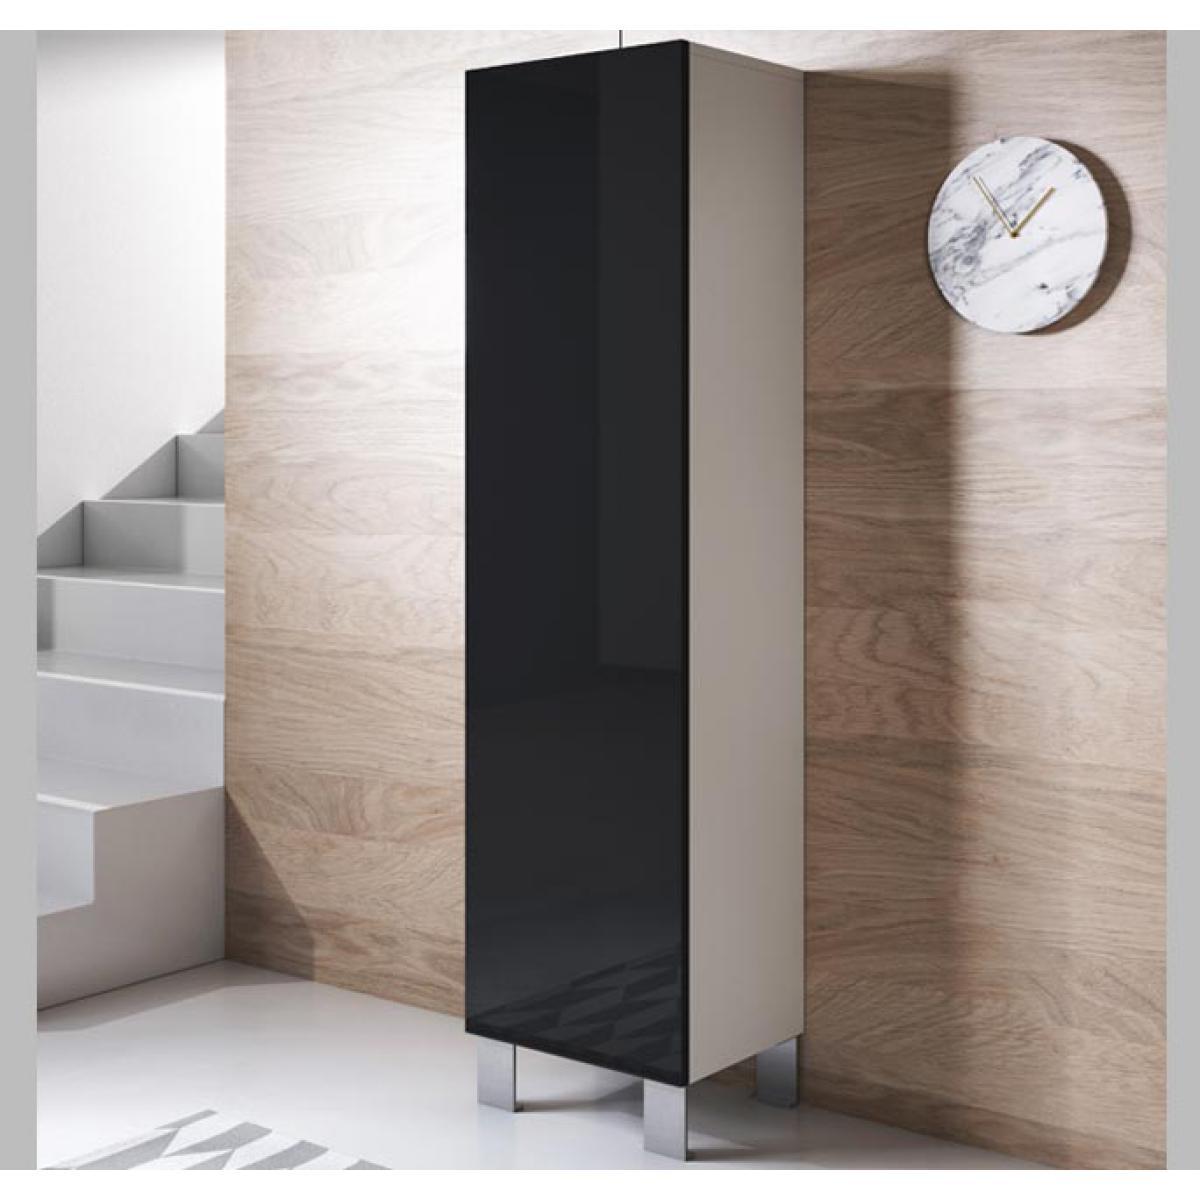 Design Ameublement Armoire modèle Luke V4 (40x177cm) couleur blanc et noir avec pieds en aluminium